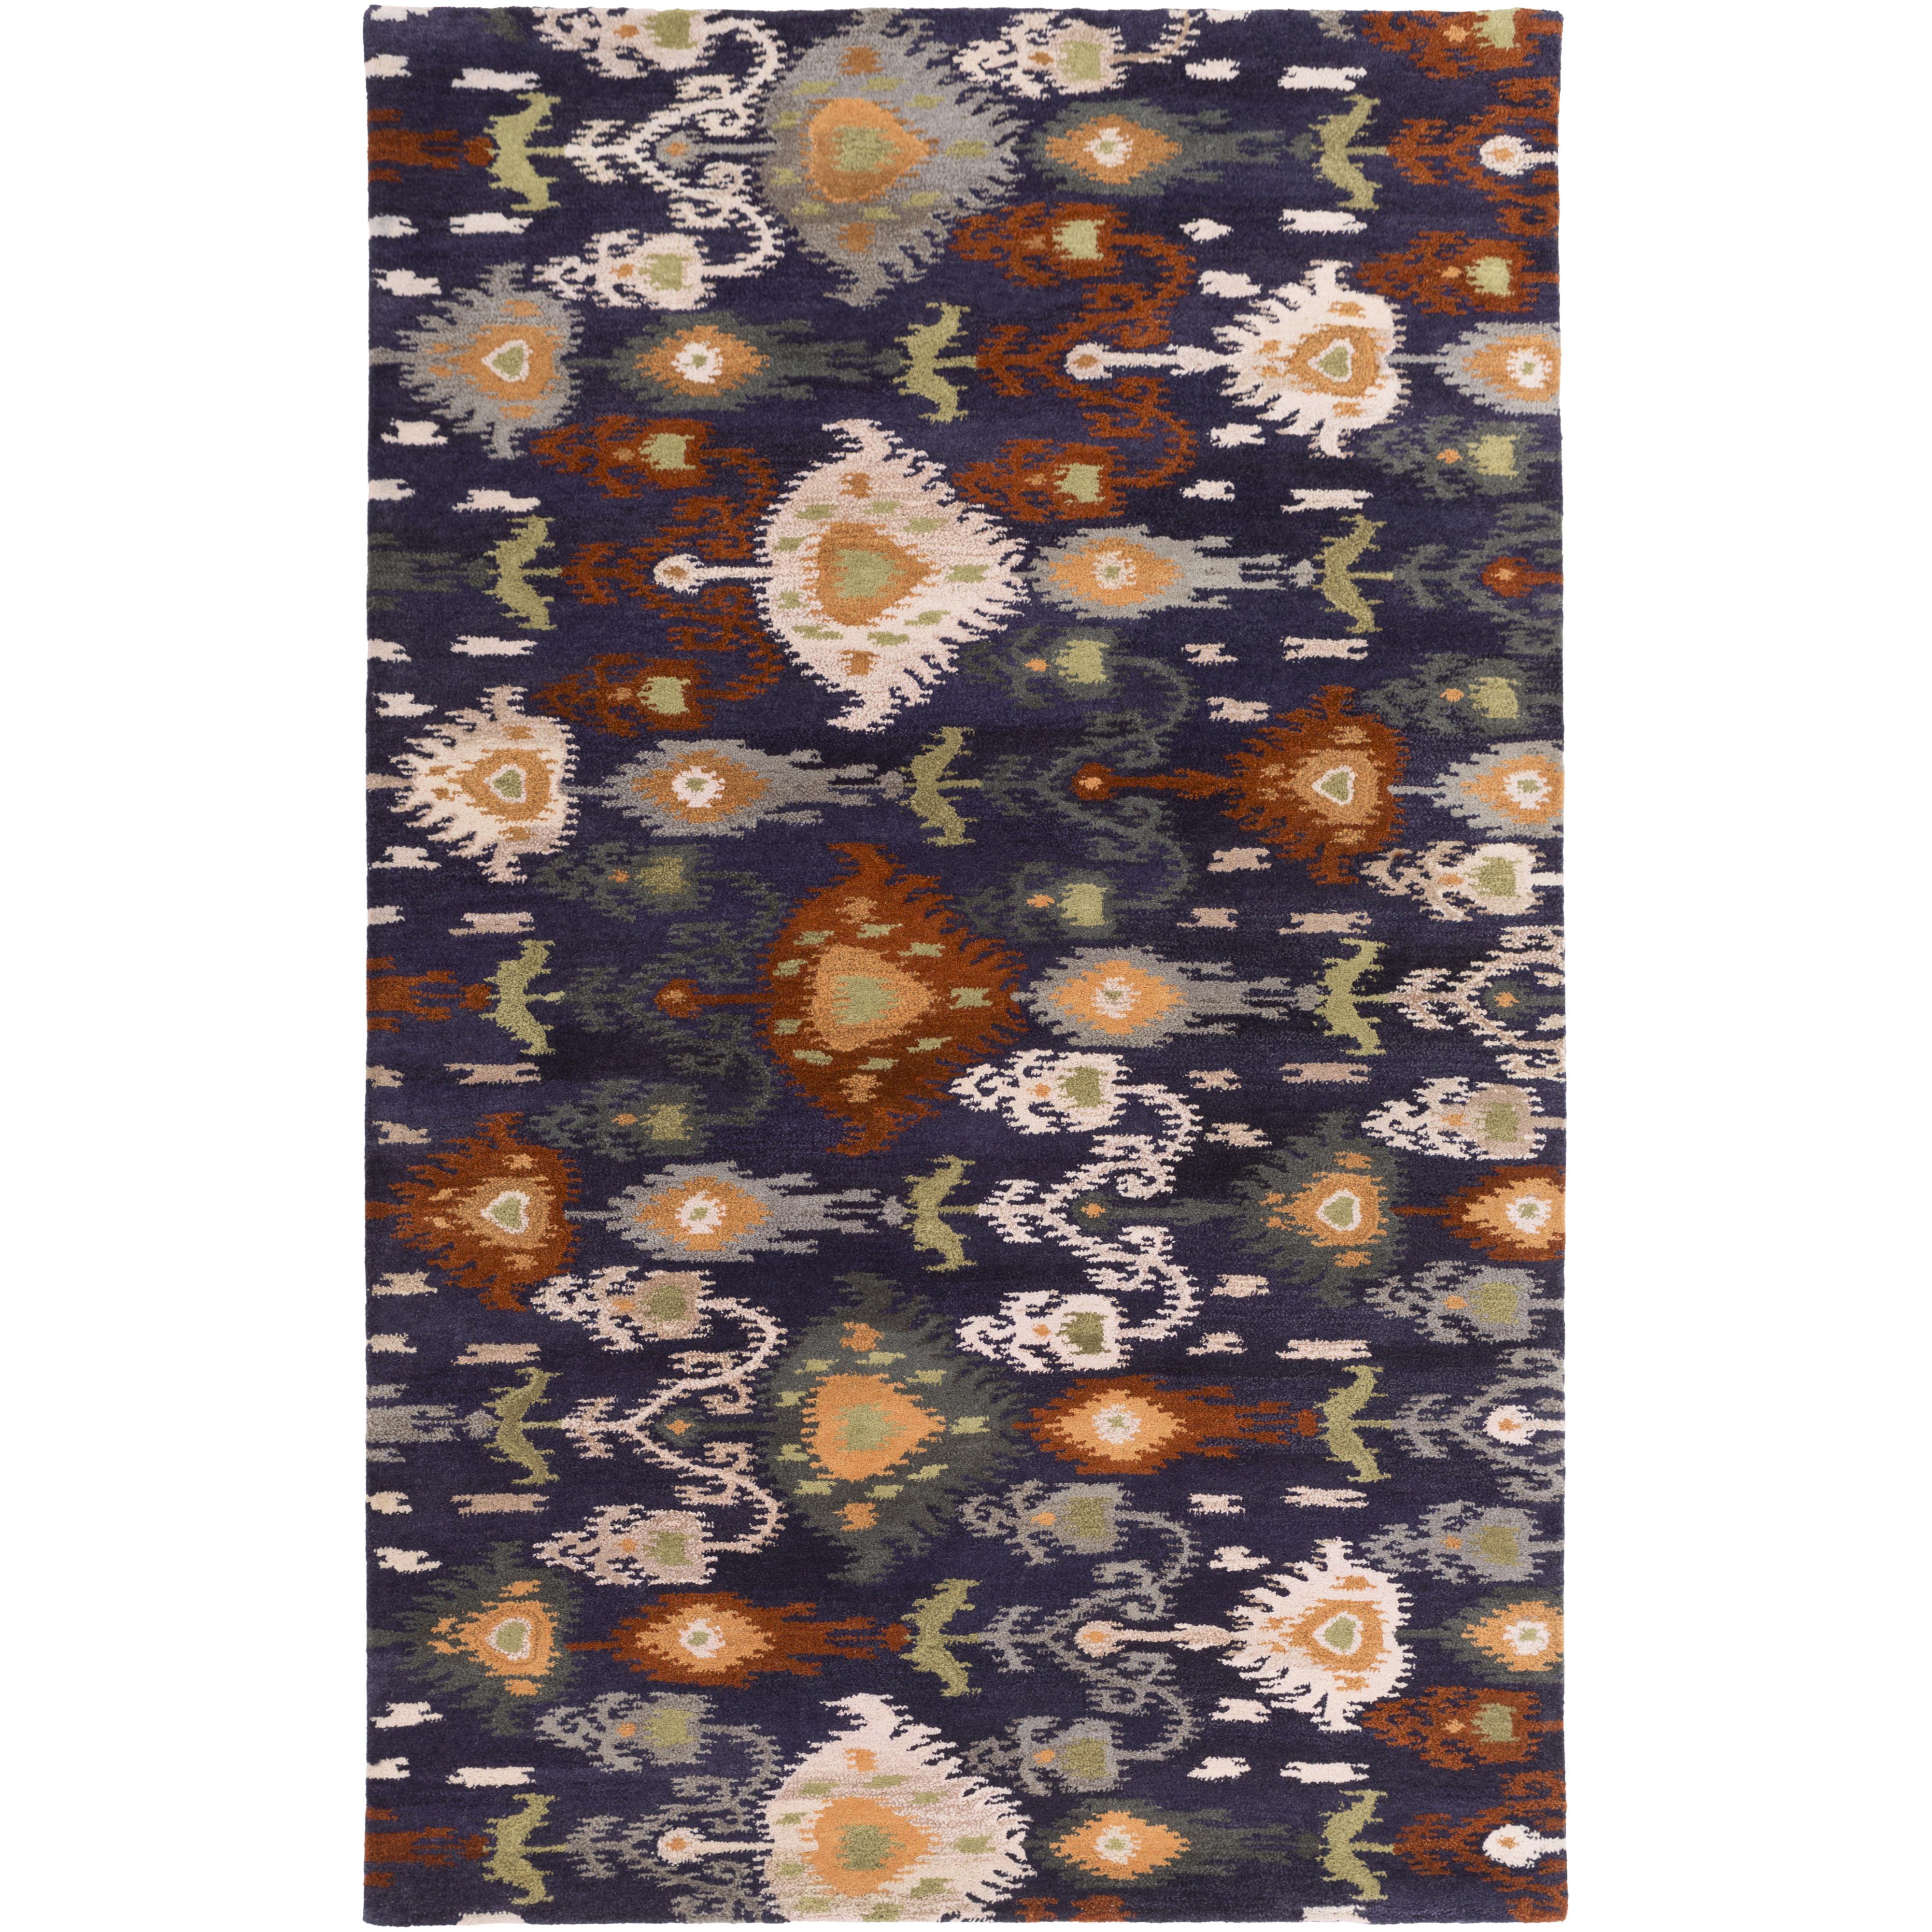 Surya Rugs Surroundings 8' x 11' - Item Number: SUR1018-811